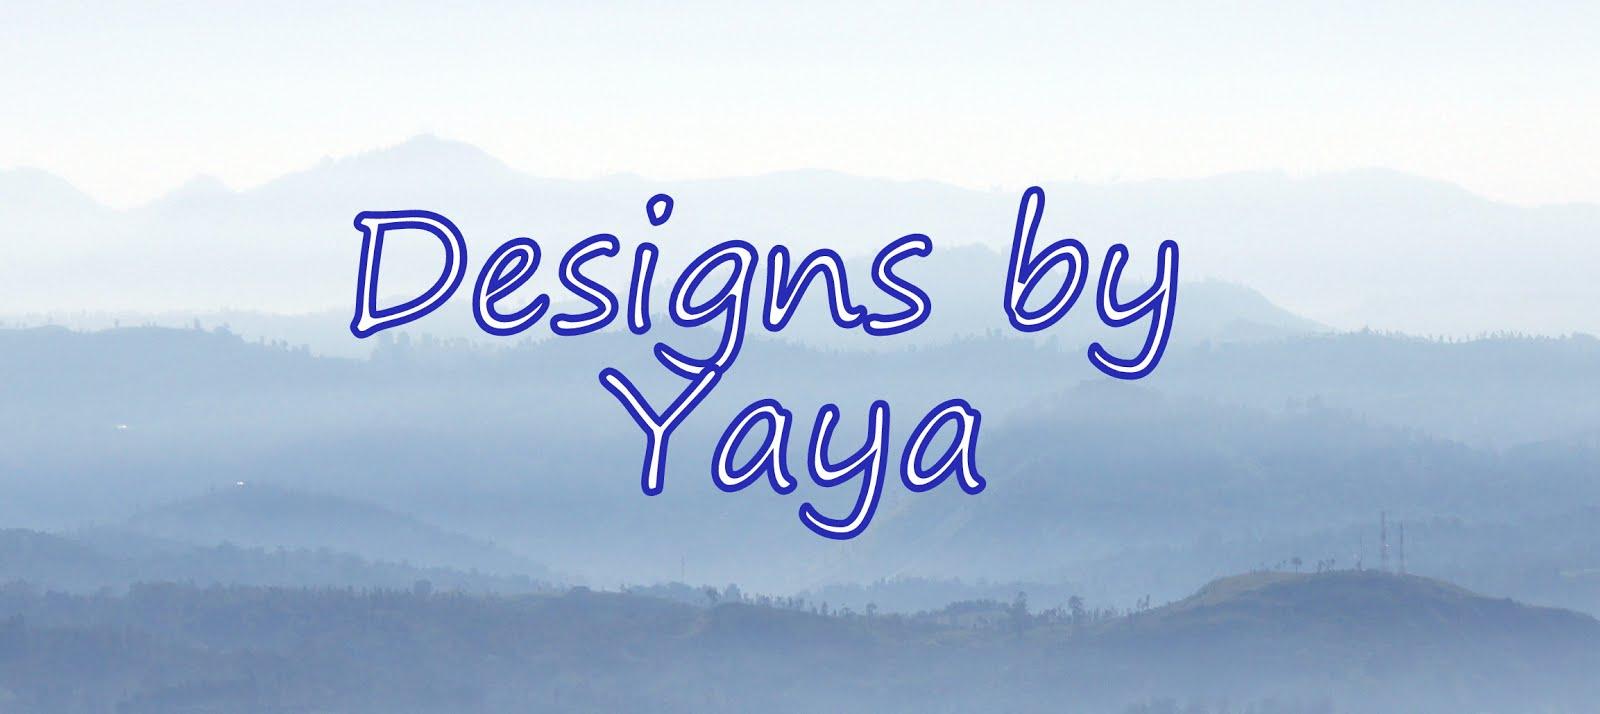 Designs by Yaya